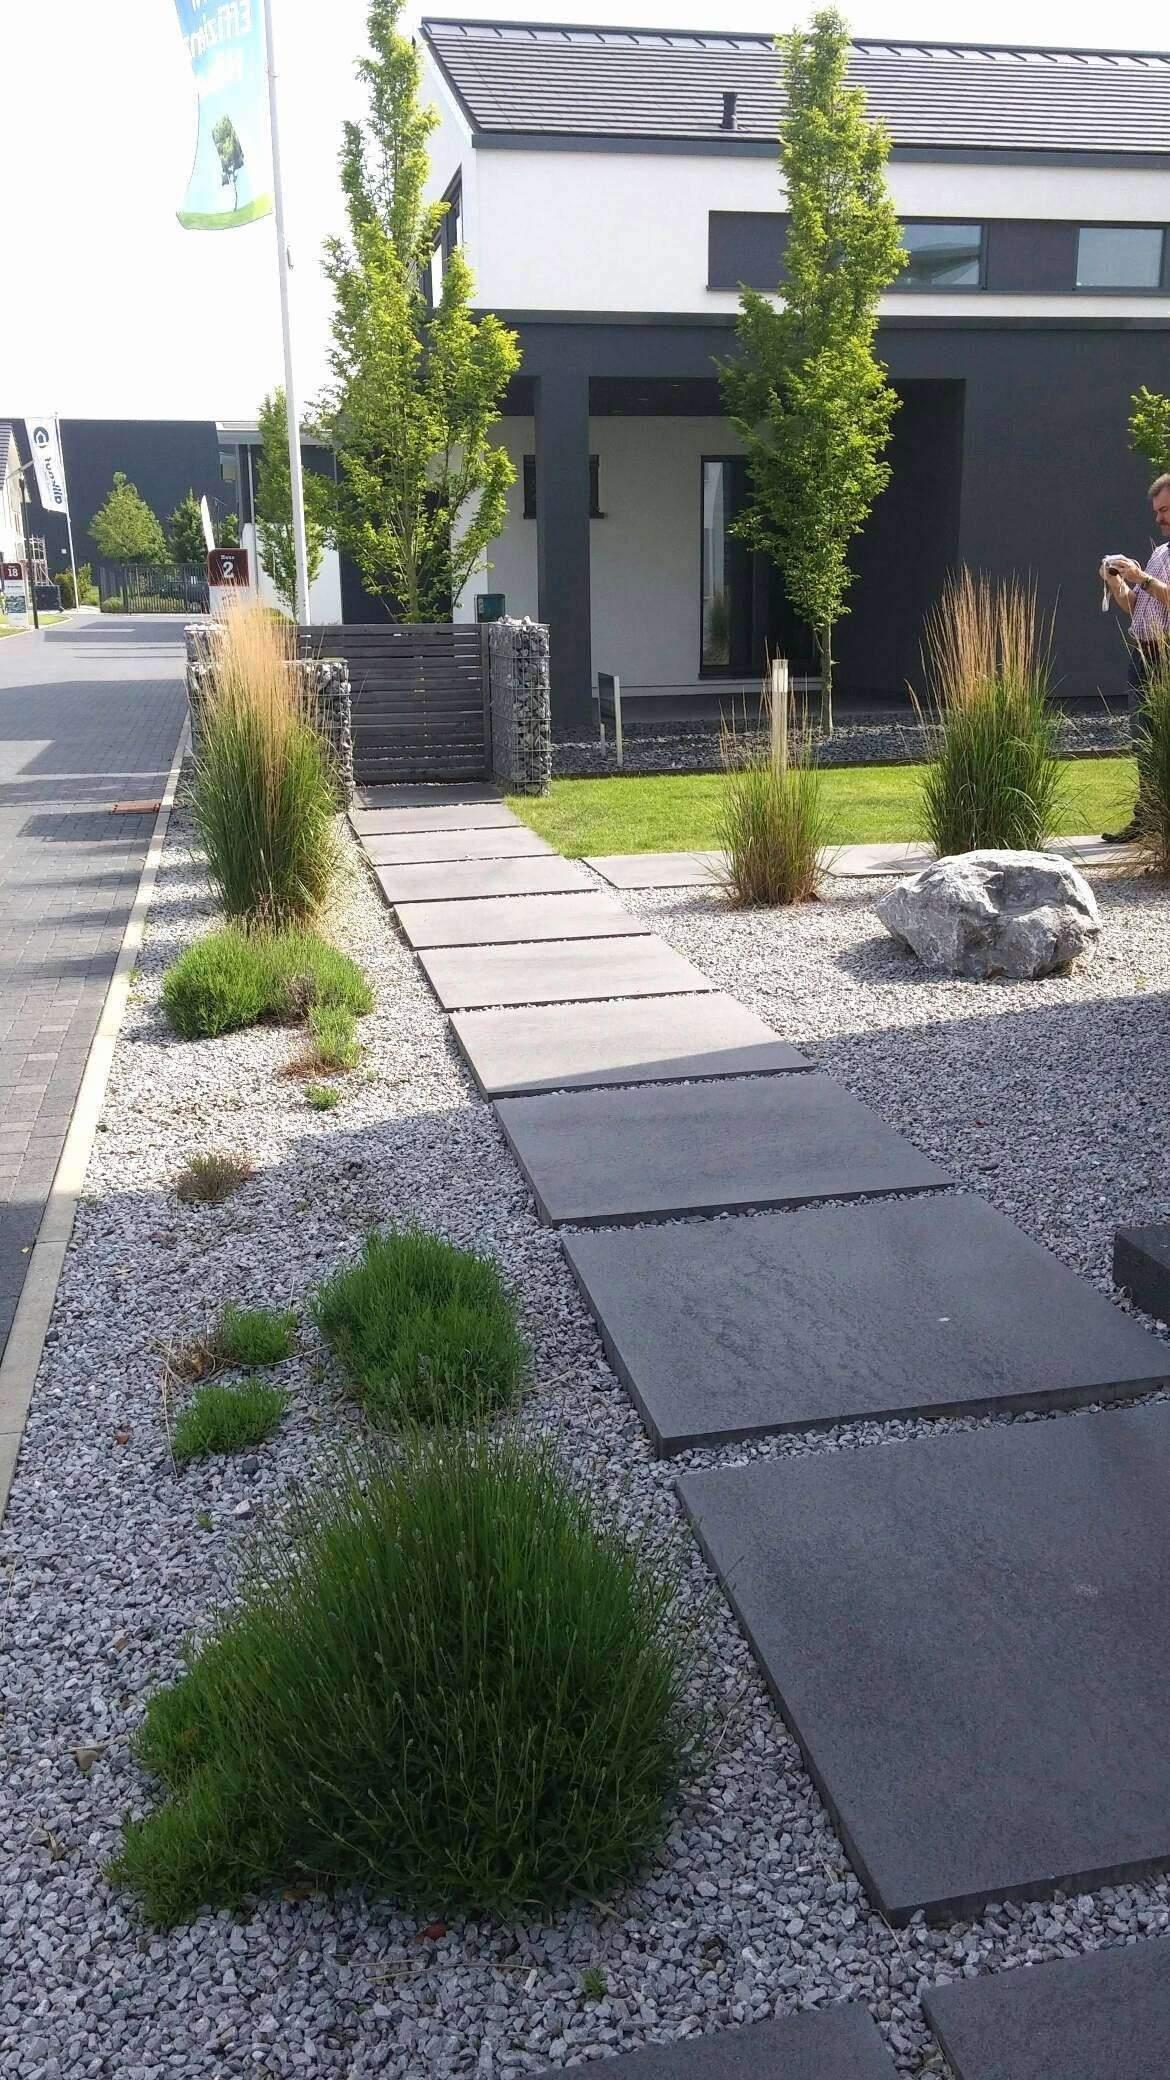 Wege Im Garten Anlegen Inspirierend Garten Ideas Garten Anlegen Lovely Aussenleuchten Garten 0d